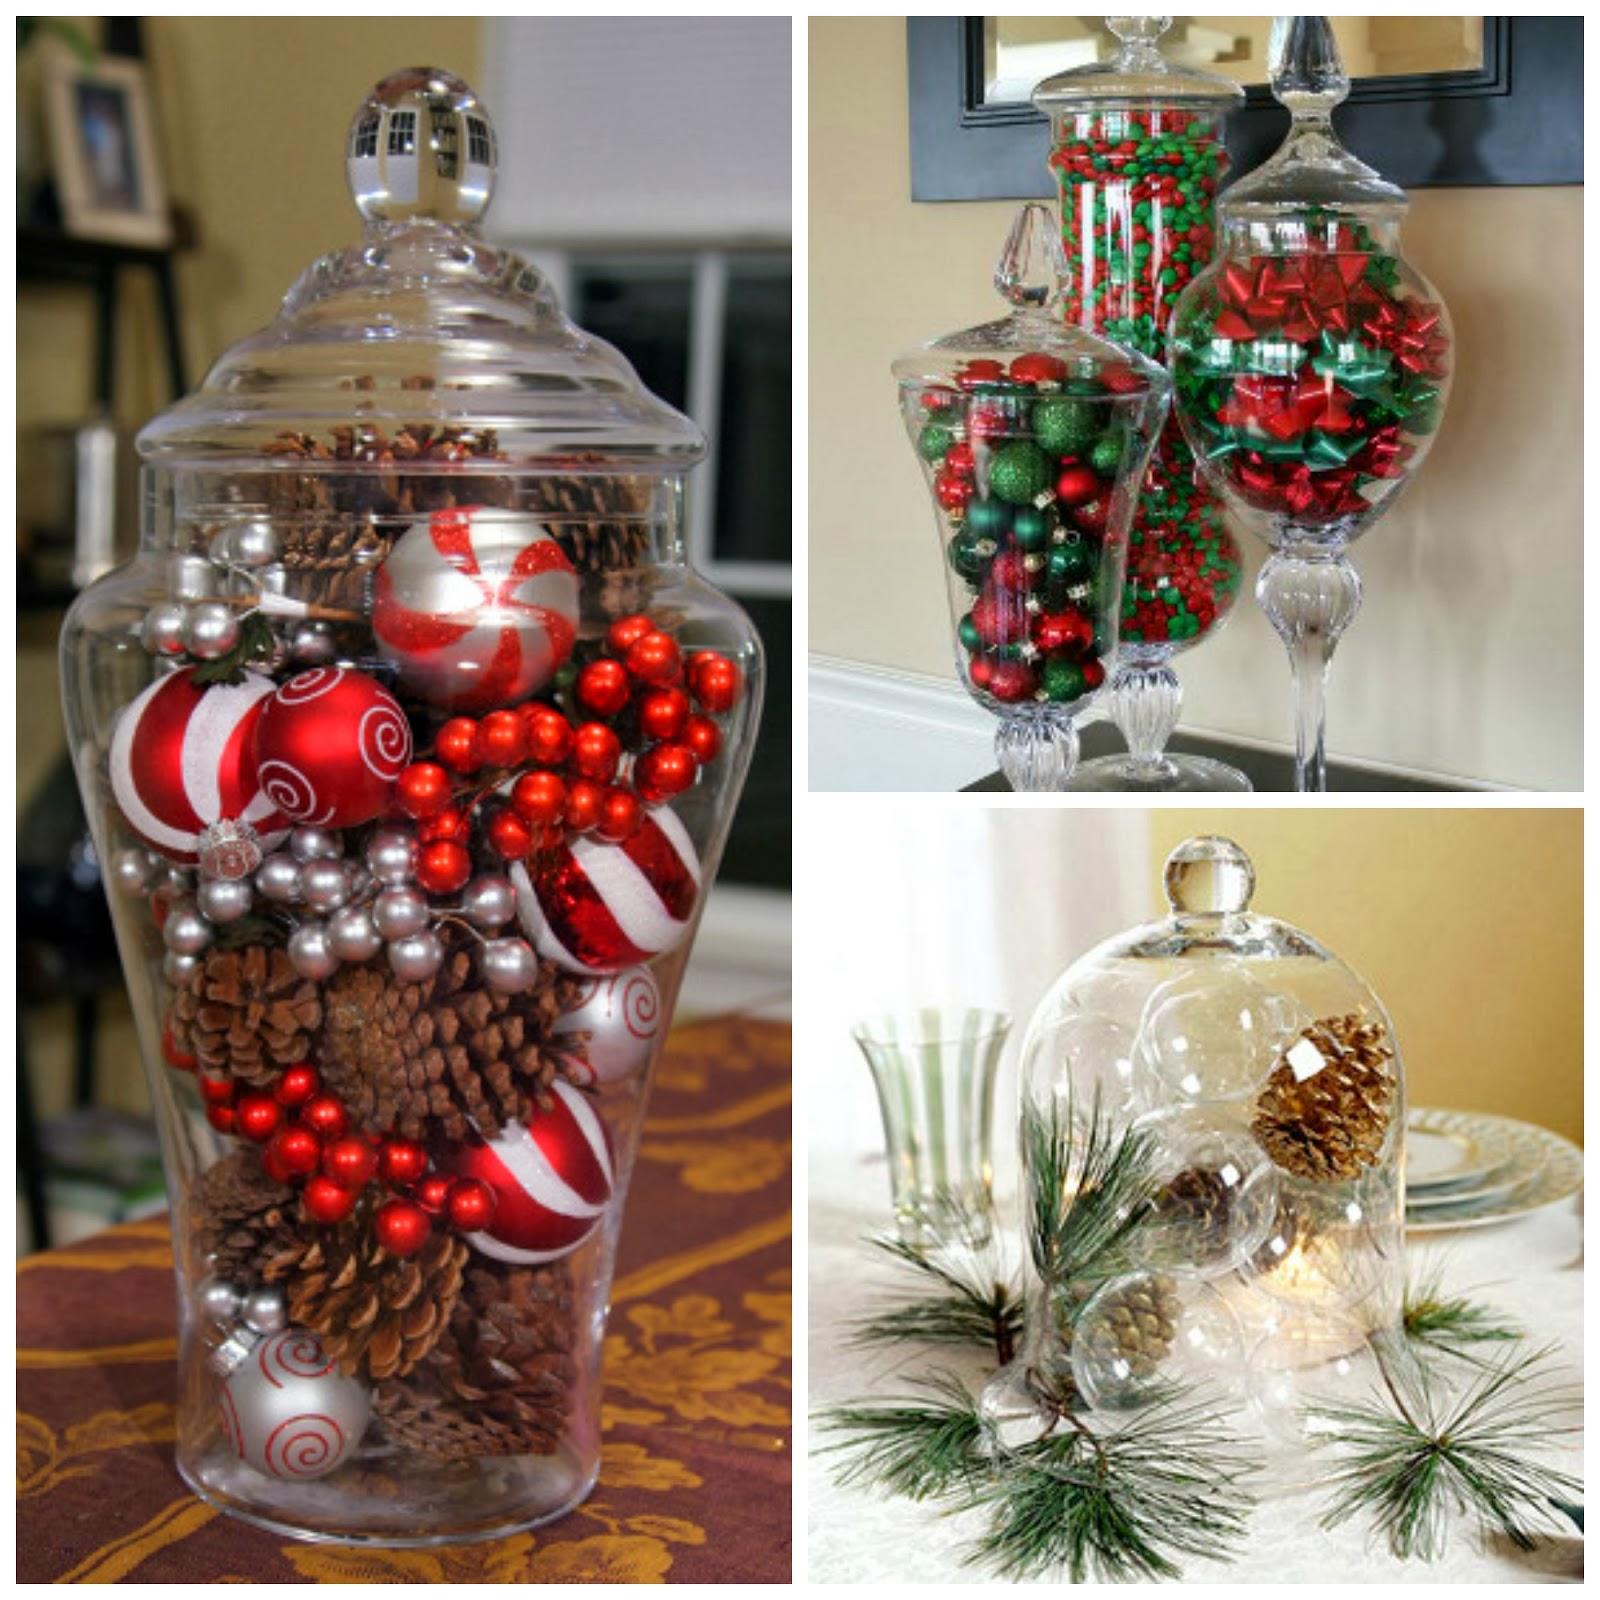 Alquiler de apartamentos y locales c mo decorar tu casa for Como adornar mi casa en navidad